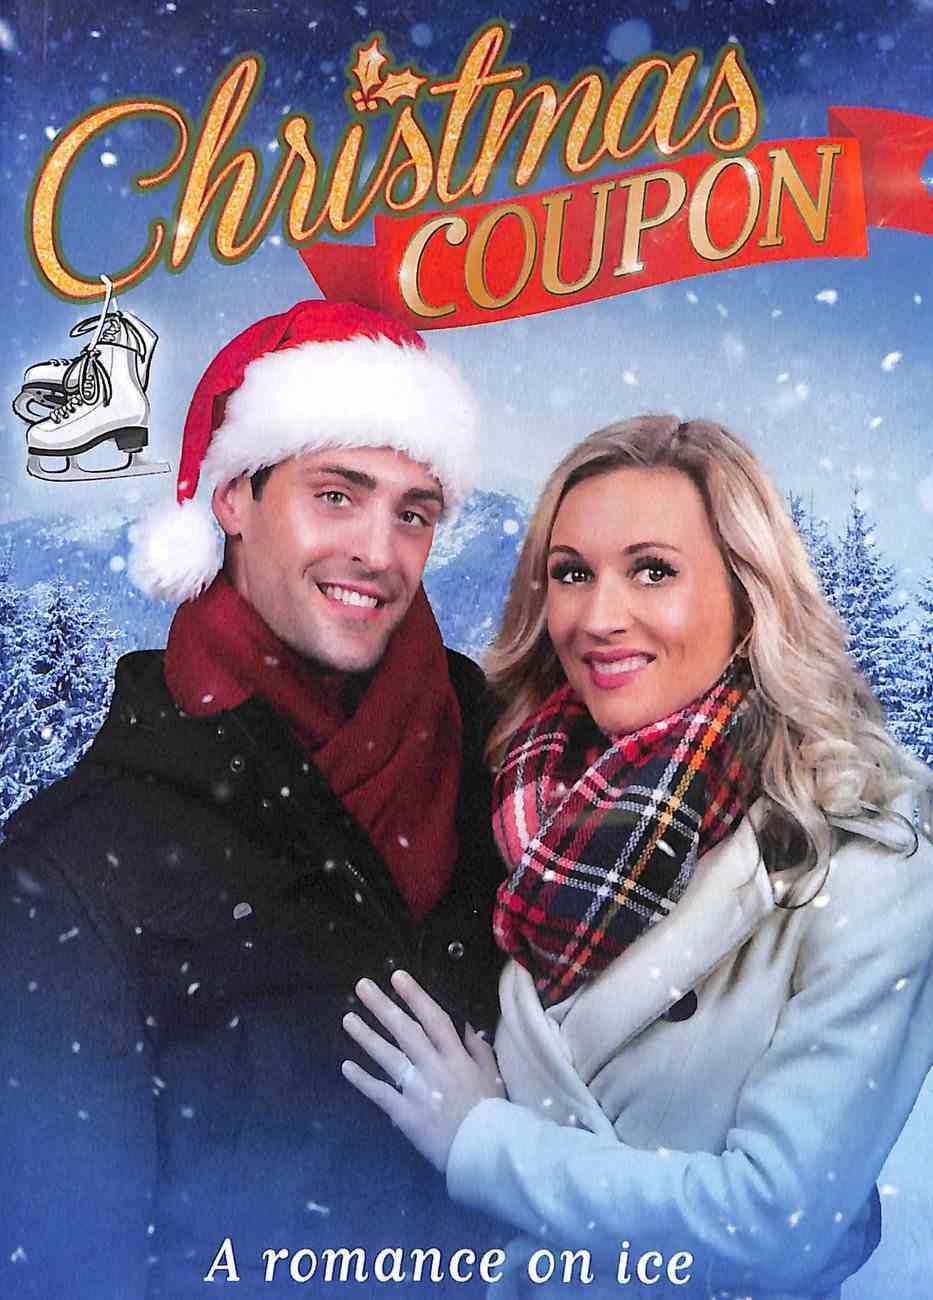 Christmas Coupon DVD